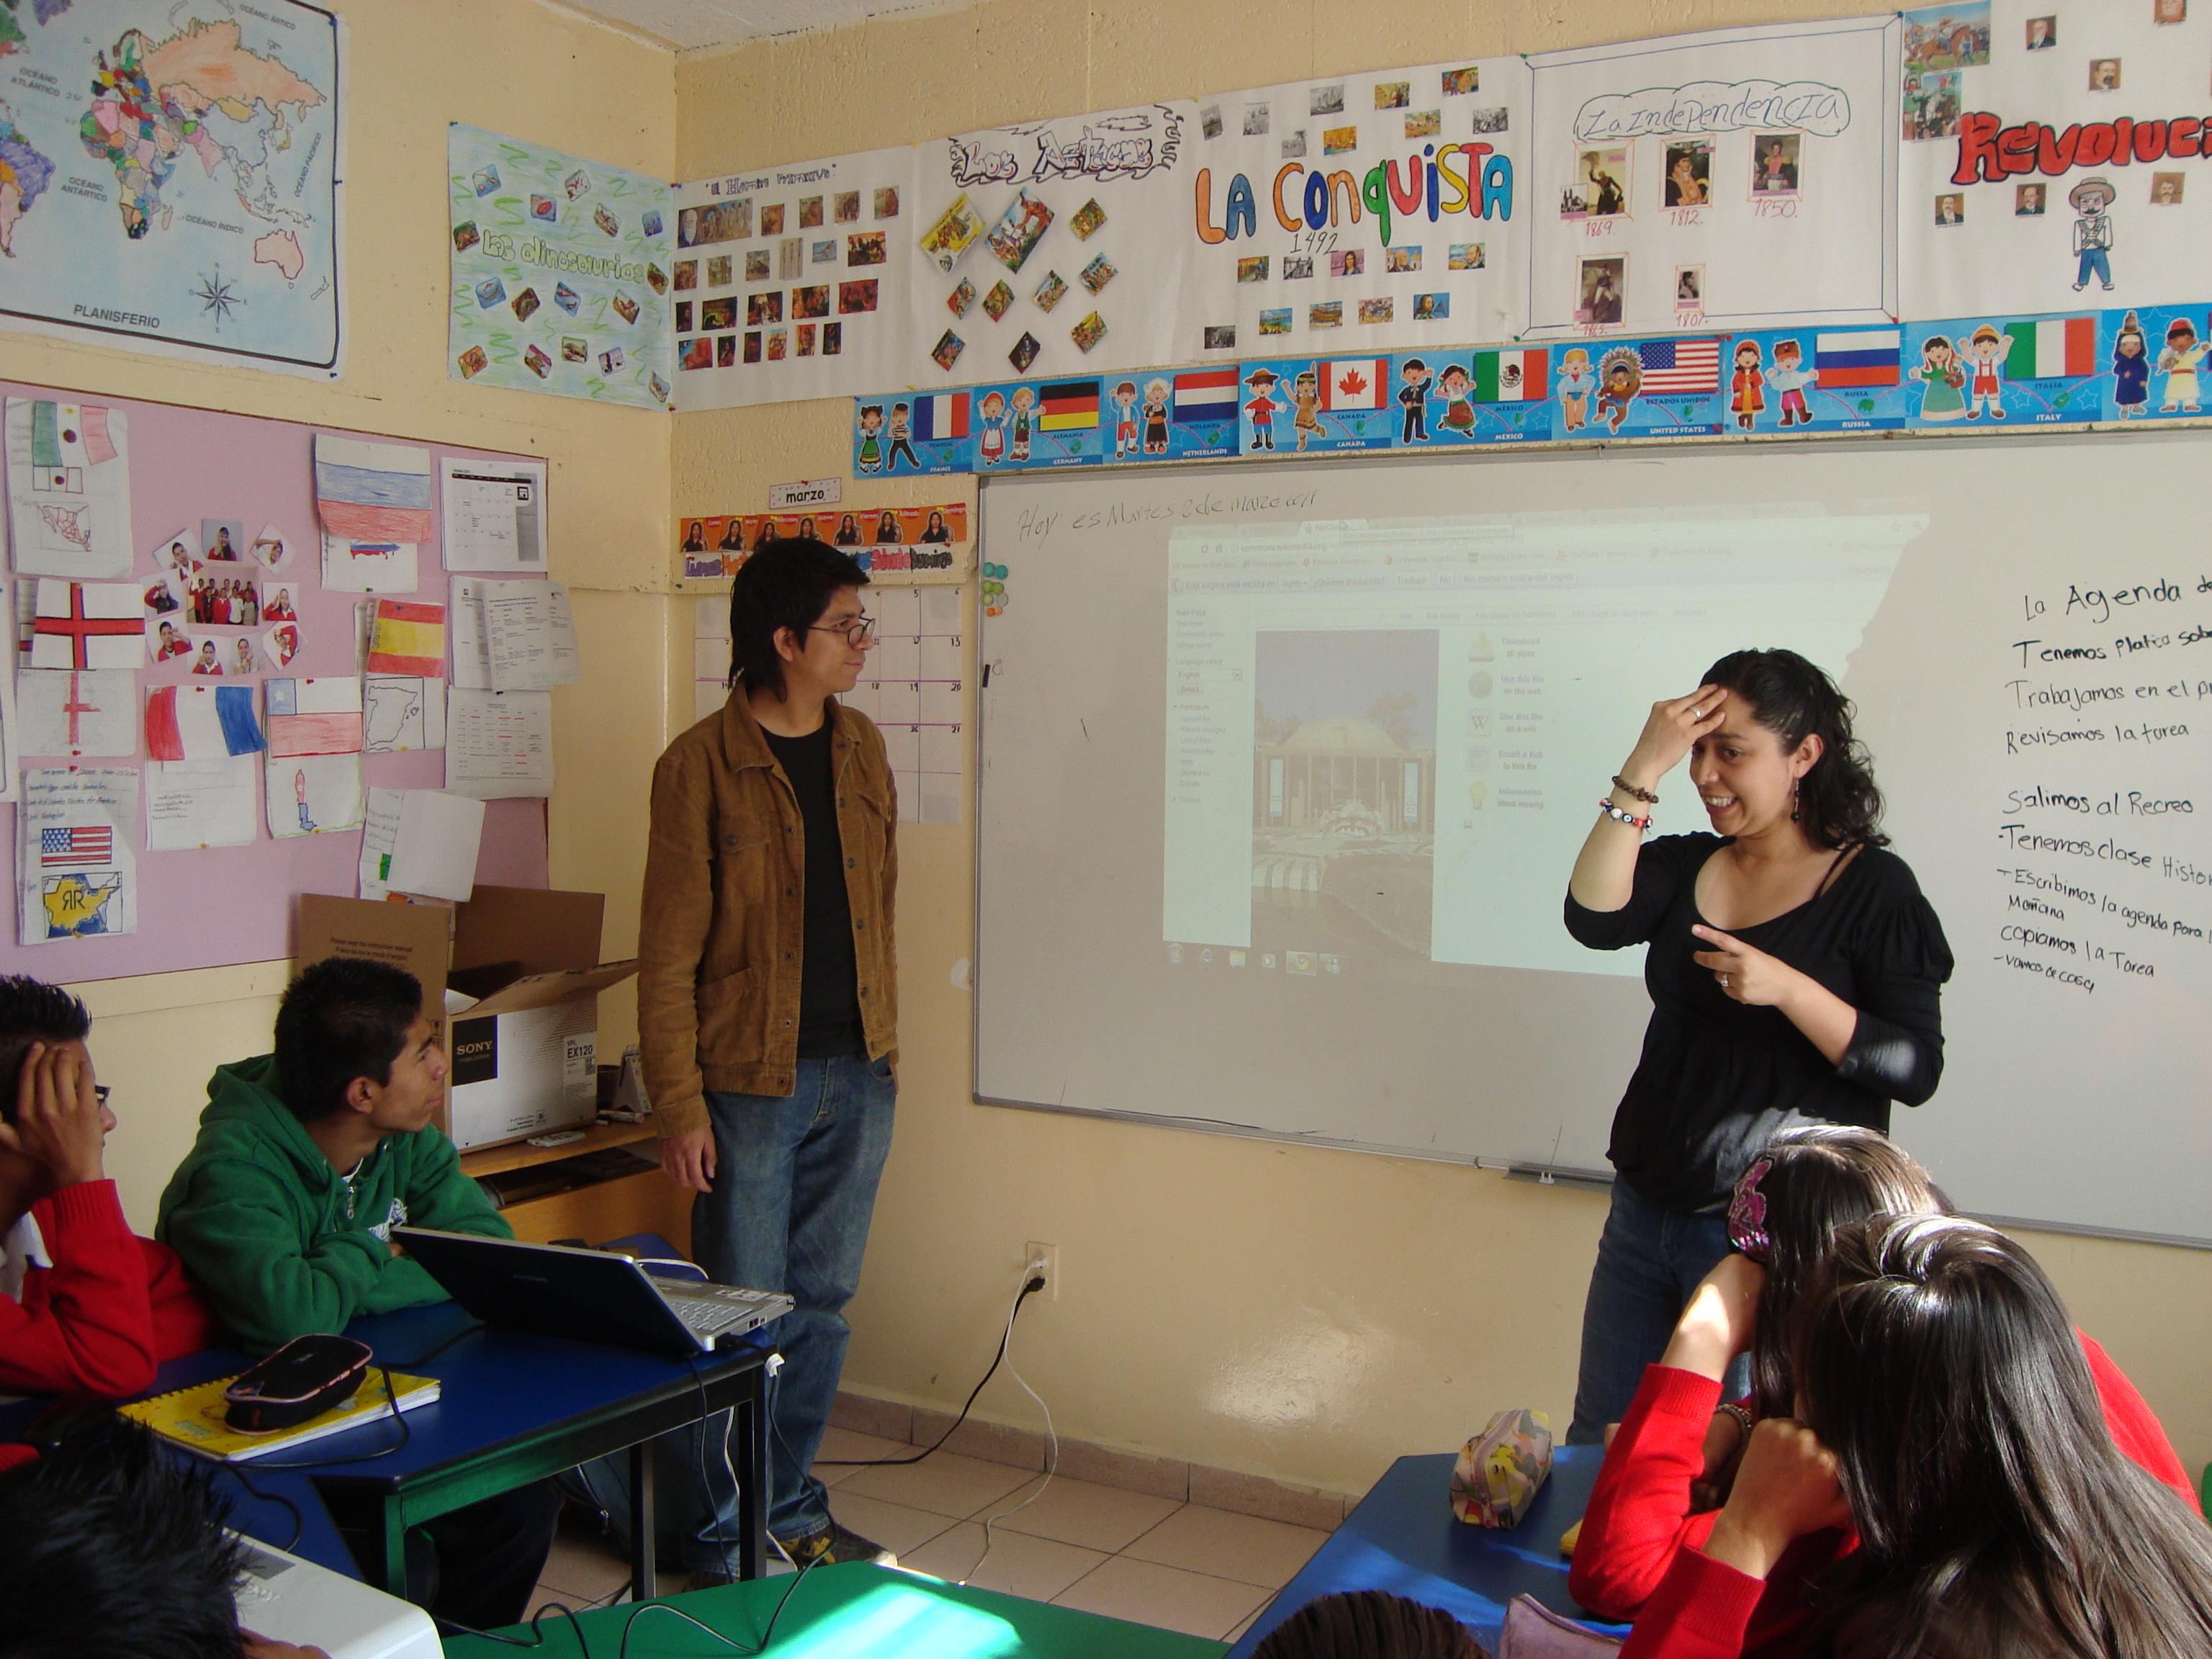 Estudiante expone en Lengua de Señas Mexicana durante la clase, la observan sus compañeros